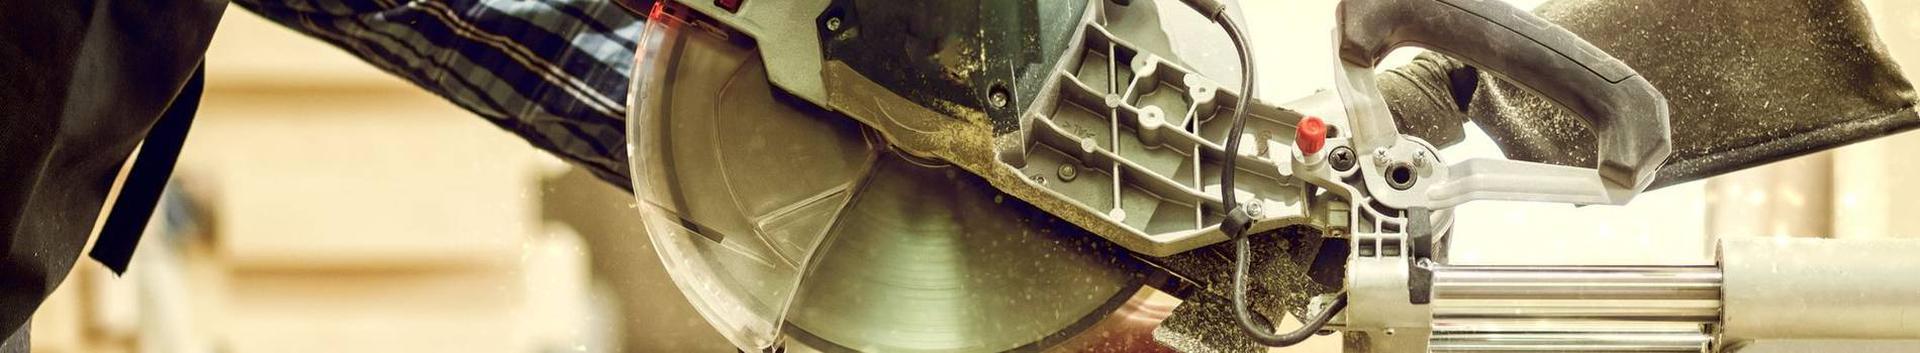 16101_saematerjali-tootmine_18745853_xl.jpg